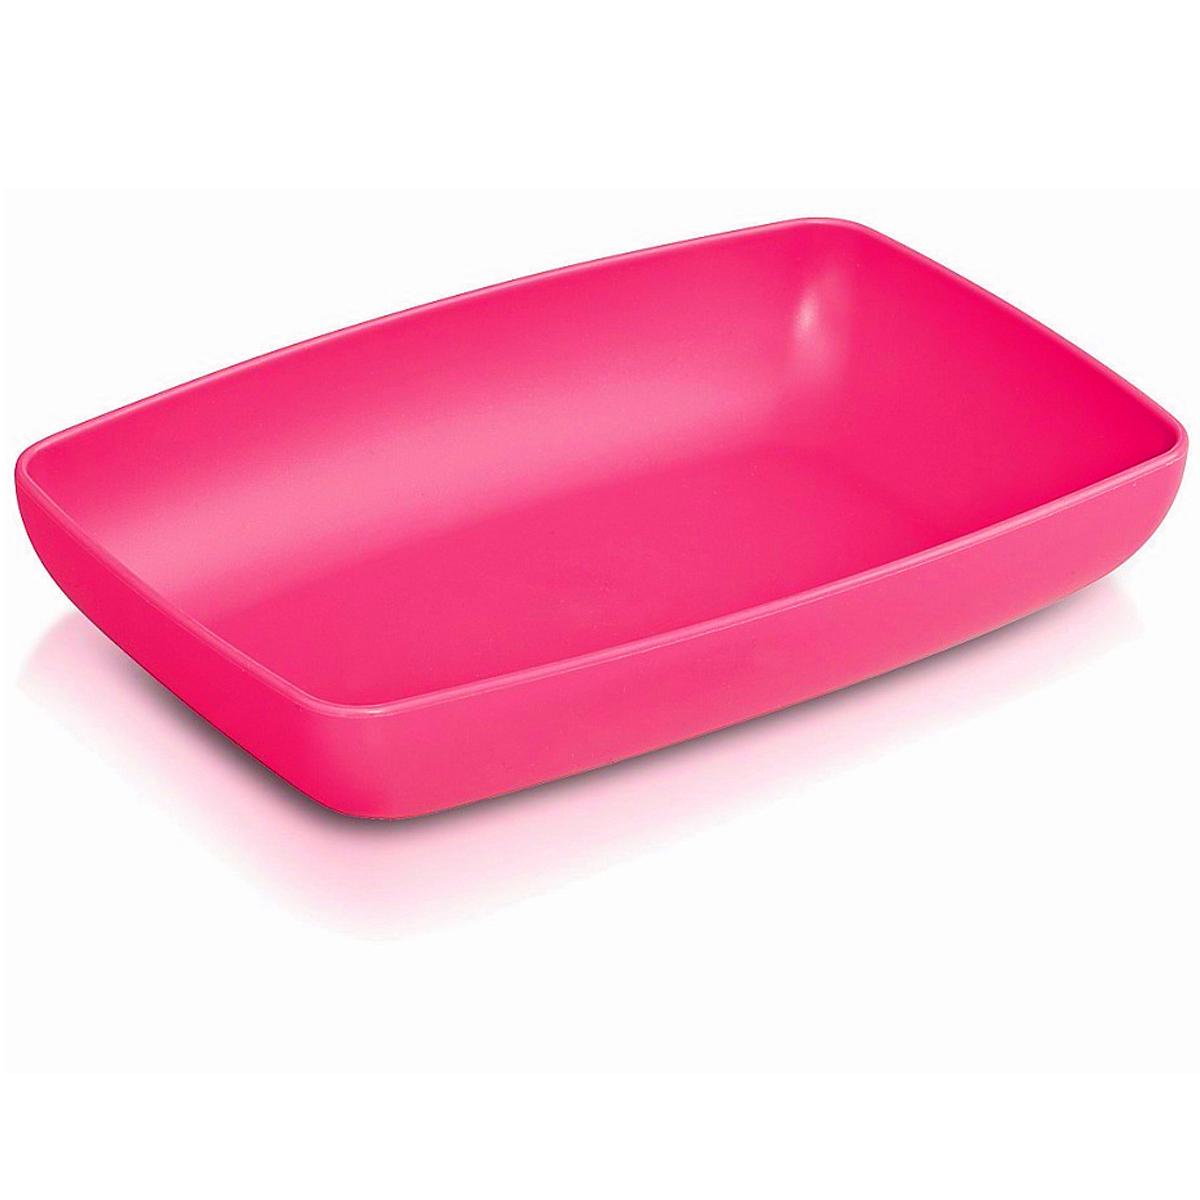 Тарелка глубокая Ucsan, цвет: розовый, 18 х 12 смM-712Прямоугольная глубокая тарелка Ucsan, изготовленная из высококачественного полипропилена, идеально подходит для сервировки стола. Тарелка Ucsan не только украсит ваш кухонный стол и подчеркнет прекрасный вкус хозяйки, но и станет отличным подарком.